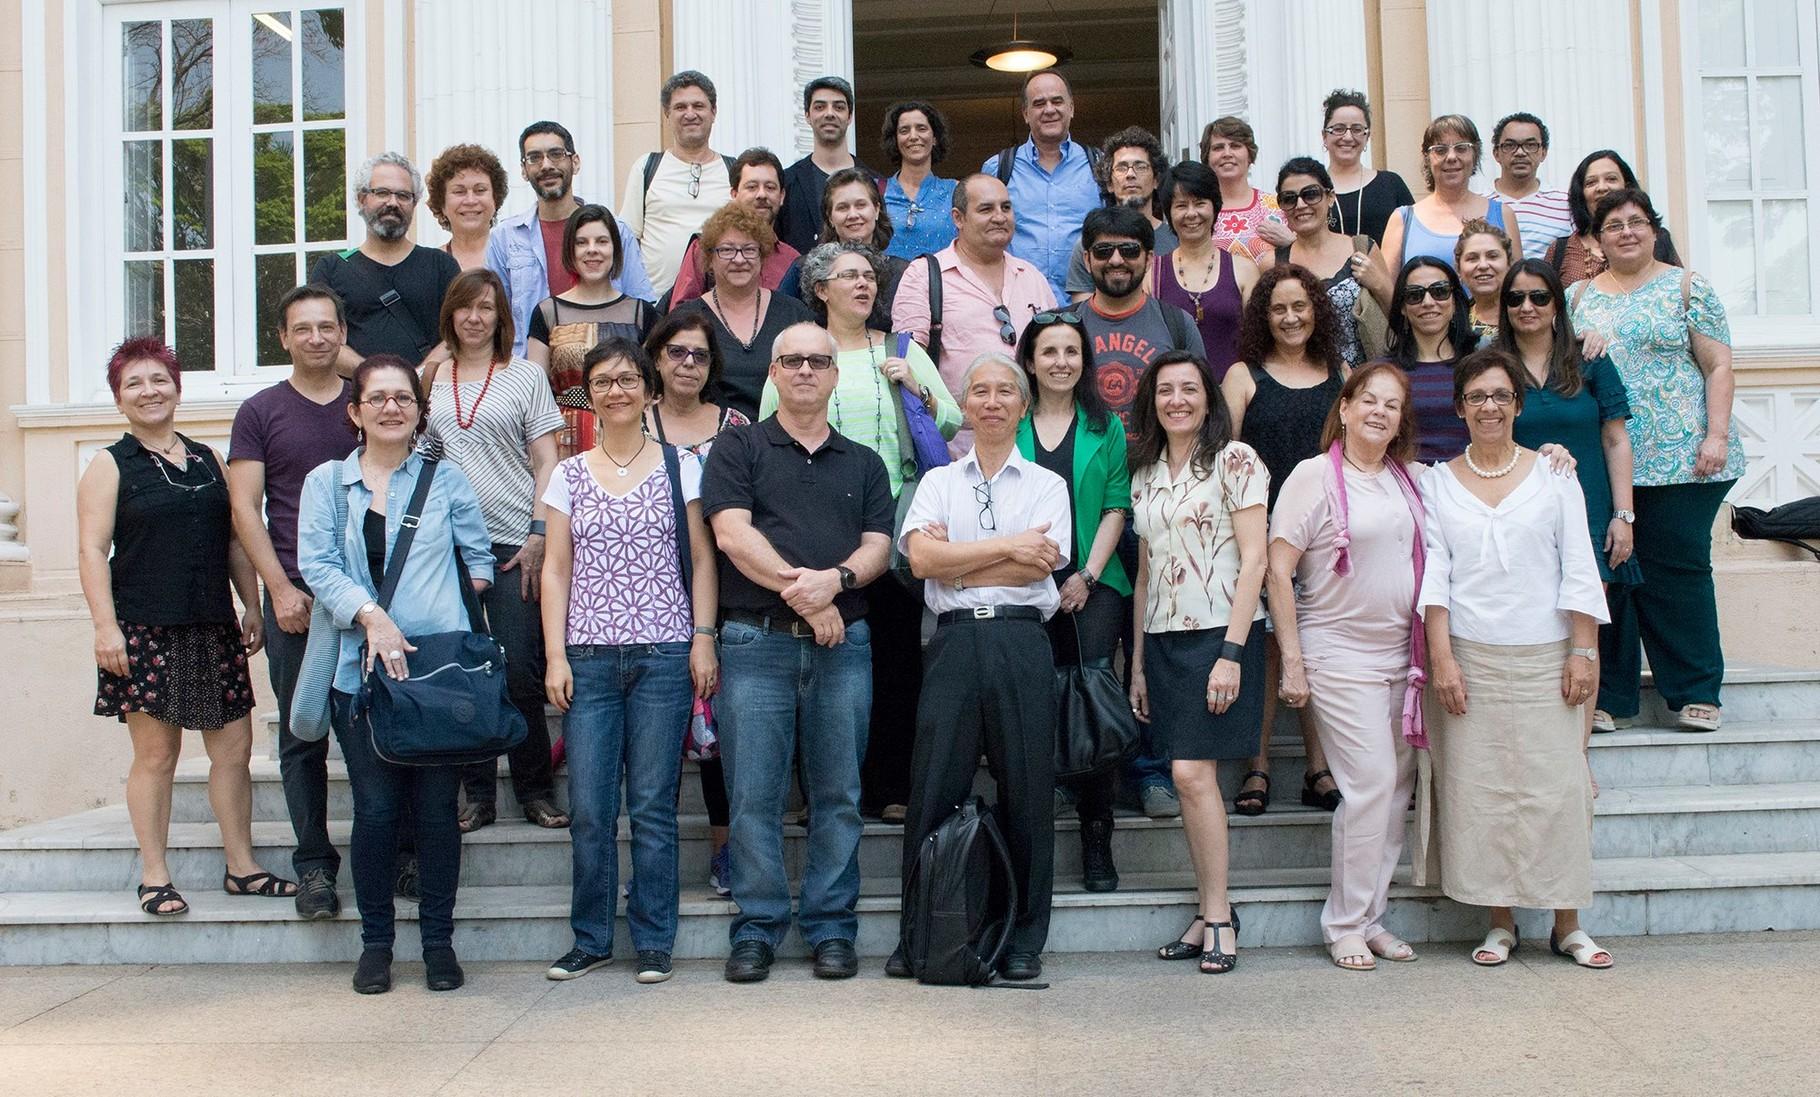 IV Fórum de Coordenadores de Graduação e Pós-Graduação em Artes Visuais –  23º ANPAP - UFMG (Conservatório de Música) - 16/Set/2014 -  Belo Horizonte/MG